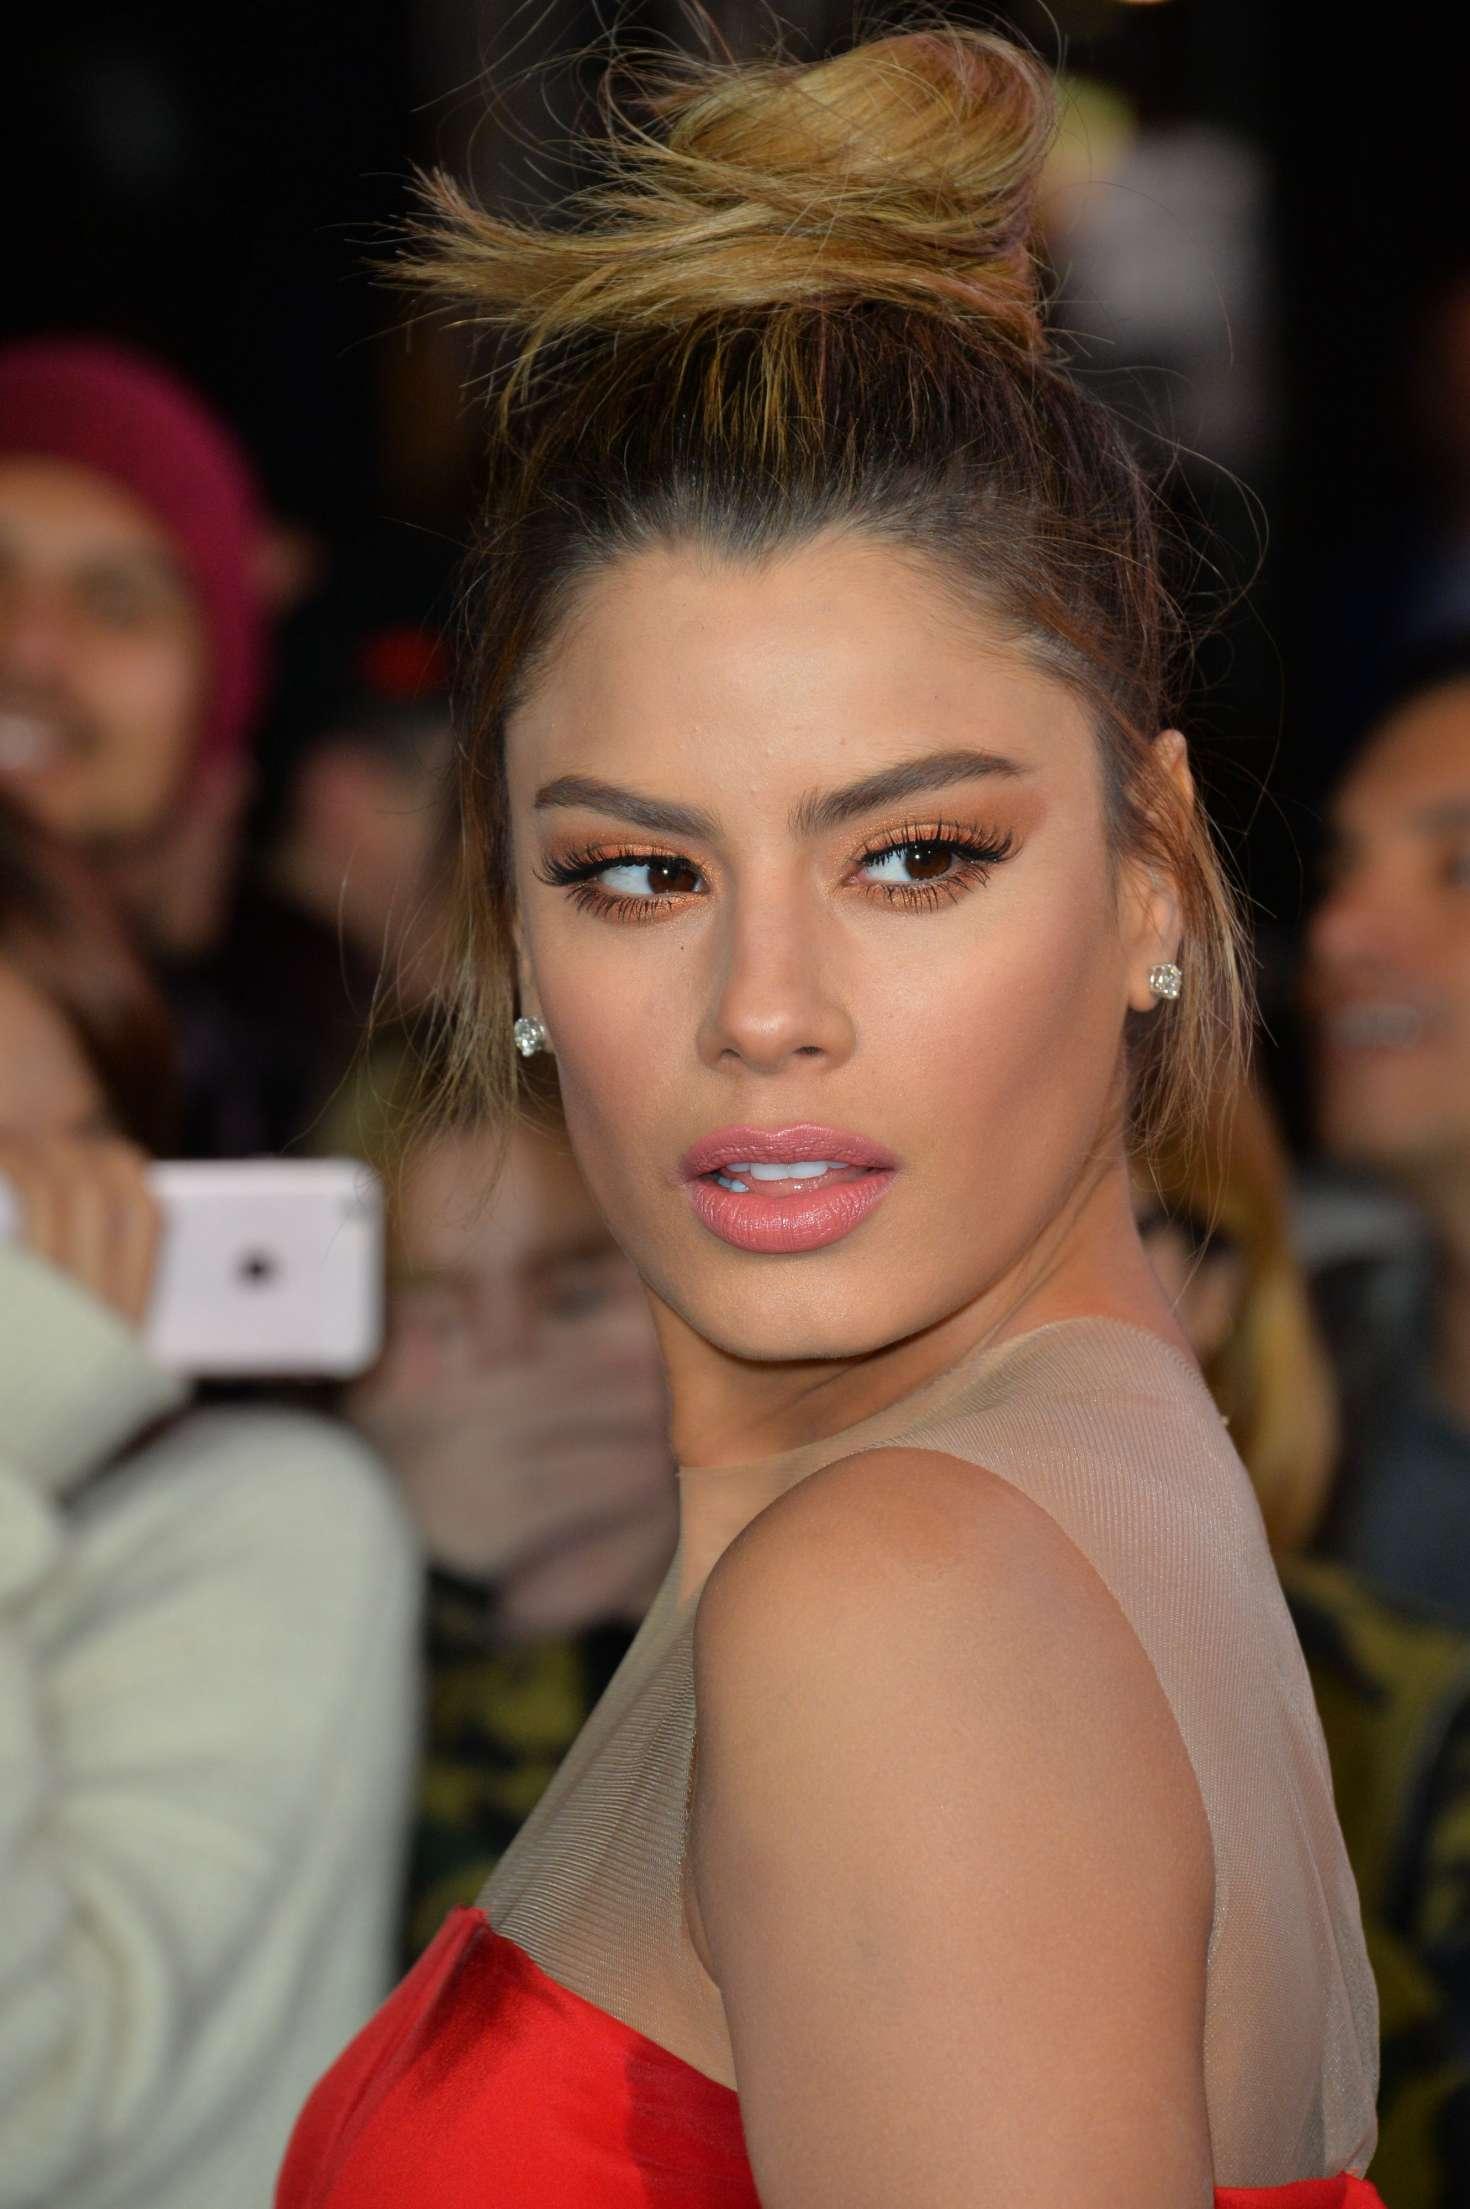 Ariadna Gutierrez nudes (31 photos) Topless, Snapchat, panties